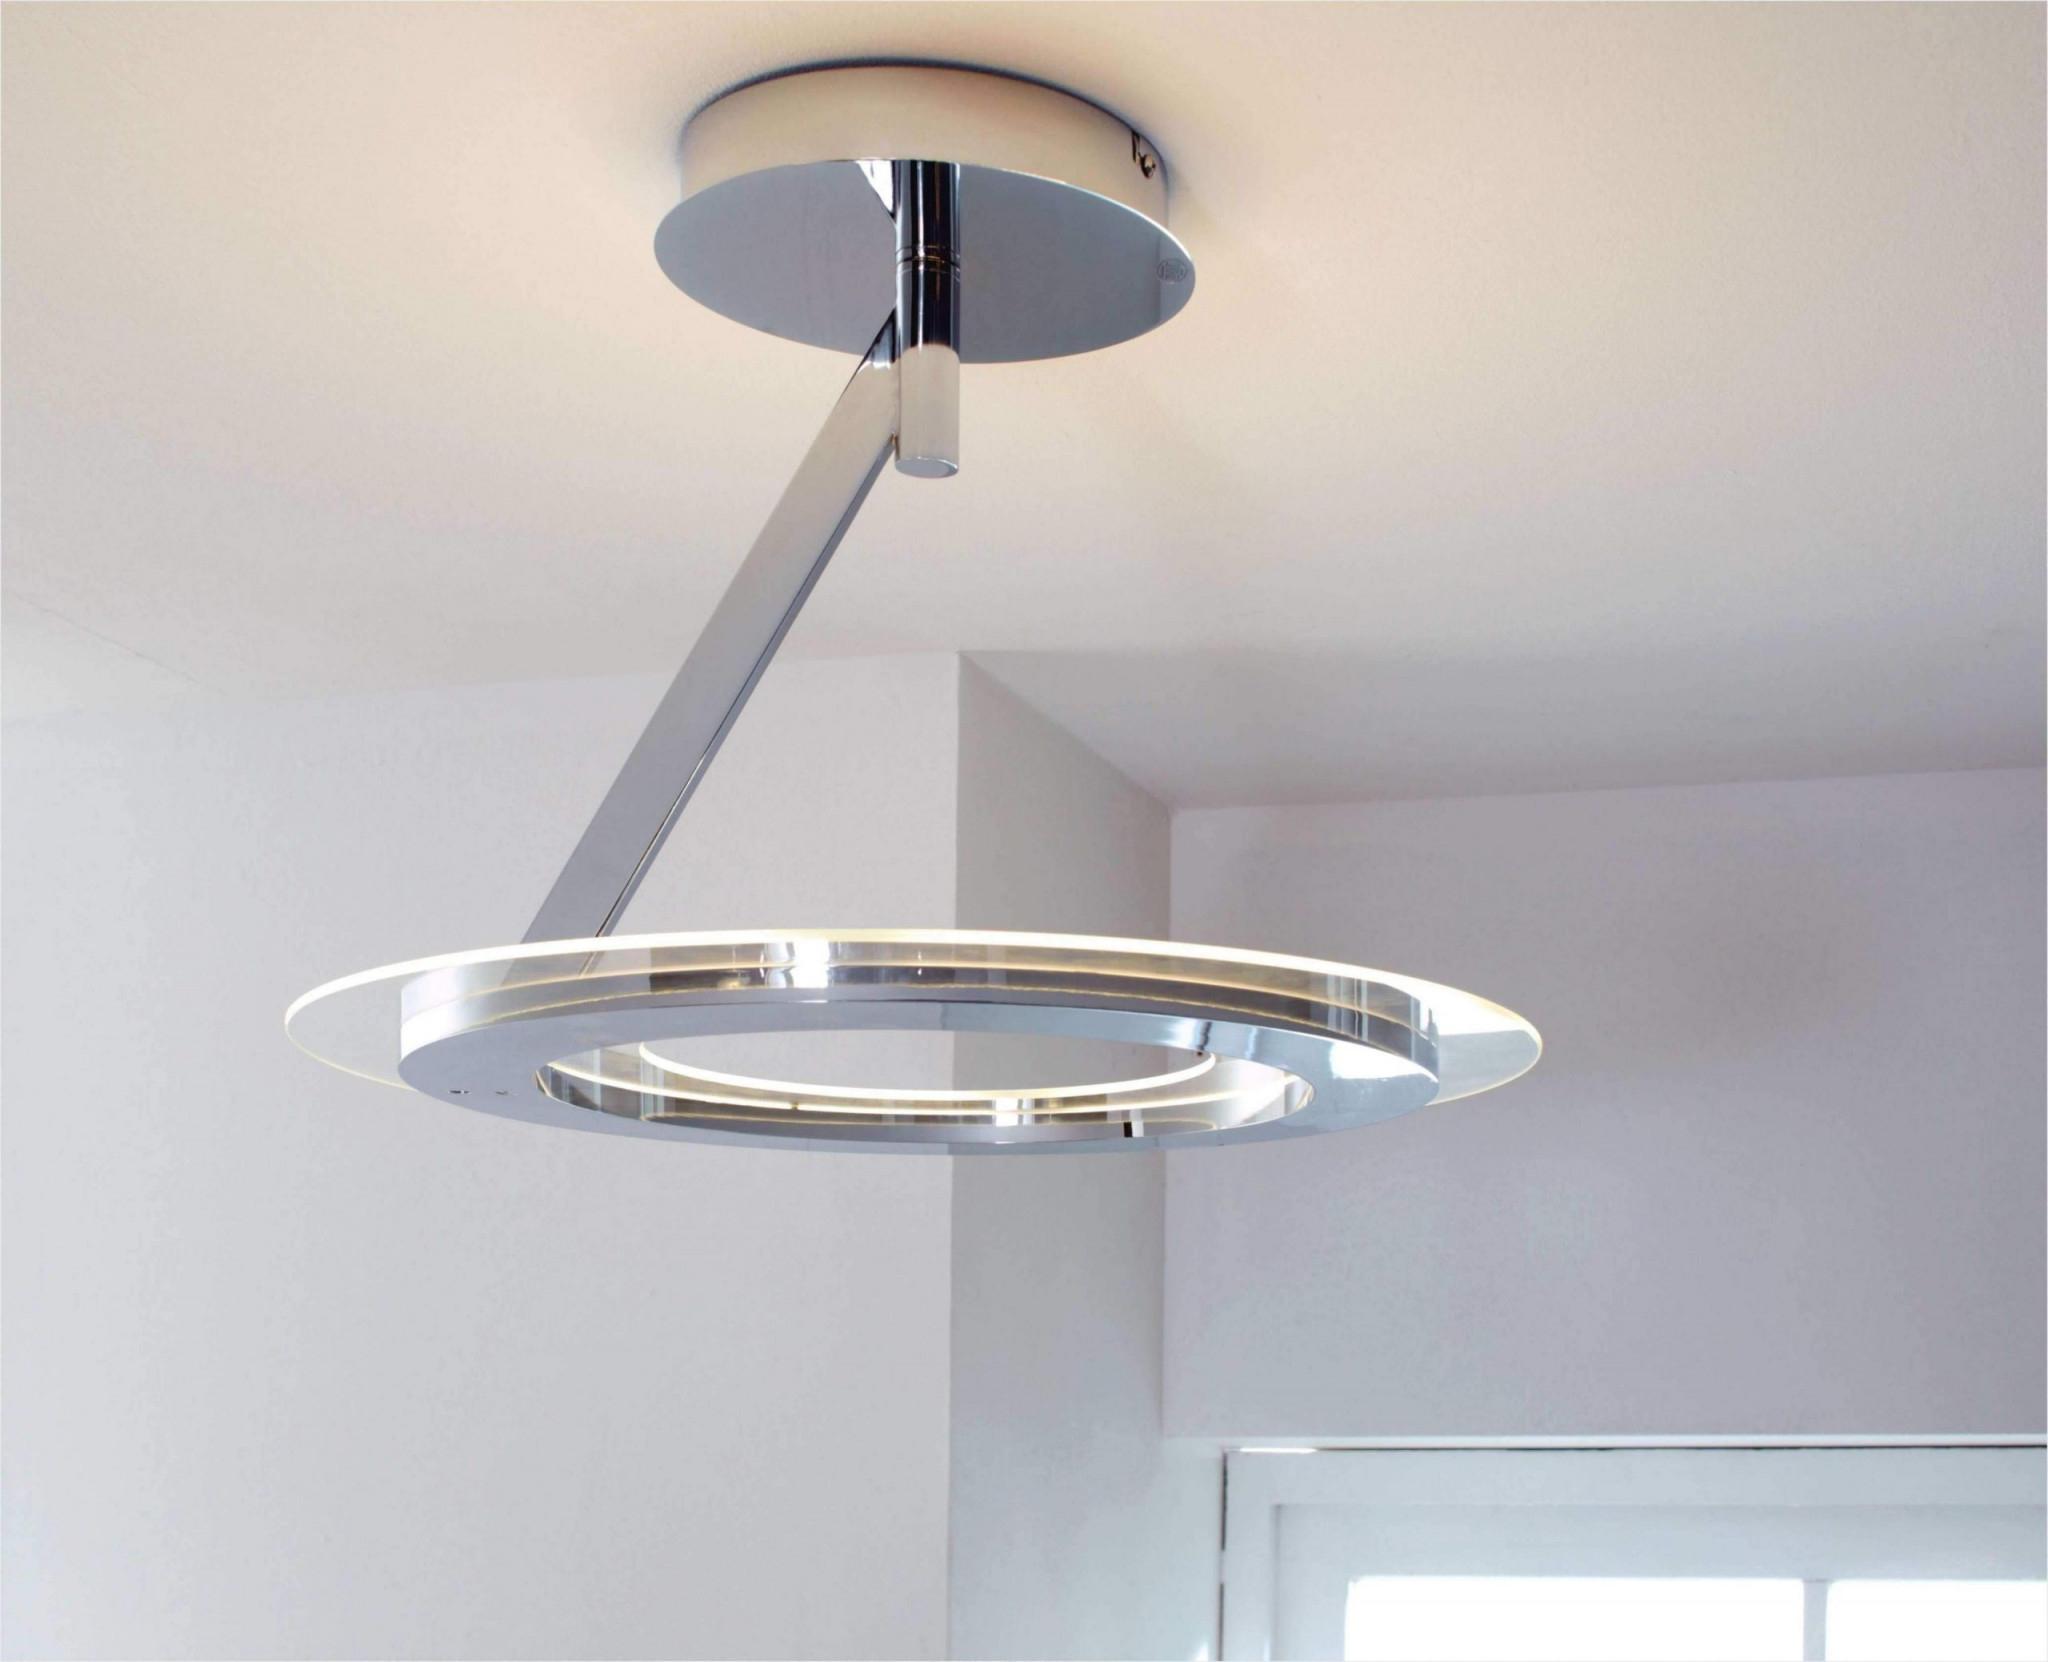 Deckenleuchte Wohnzimmer Industrial  Wohndesign Und von Deckenlampe Wohnzimmer Industrie Bild